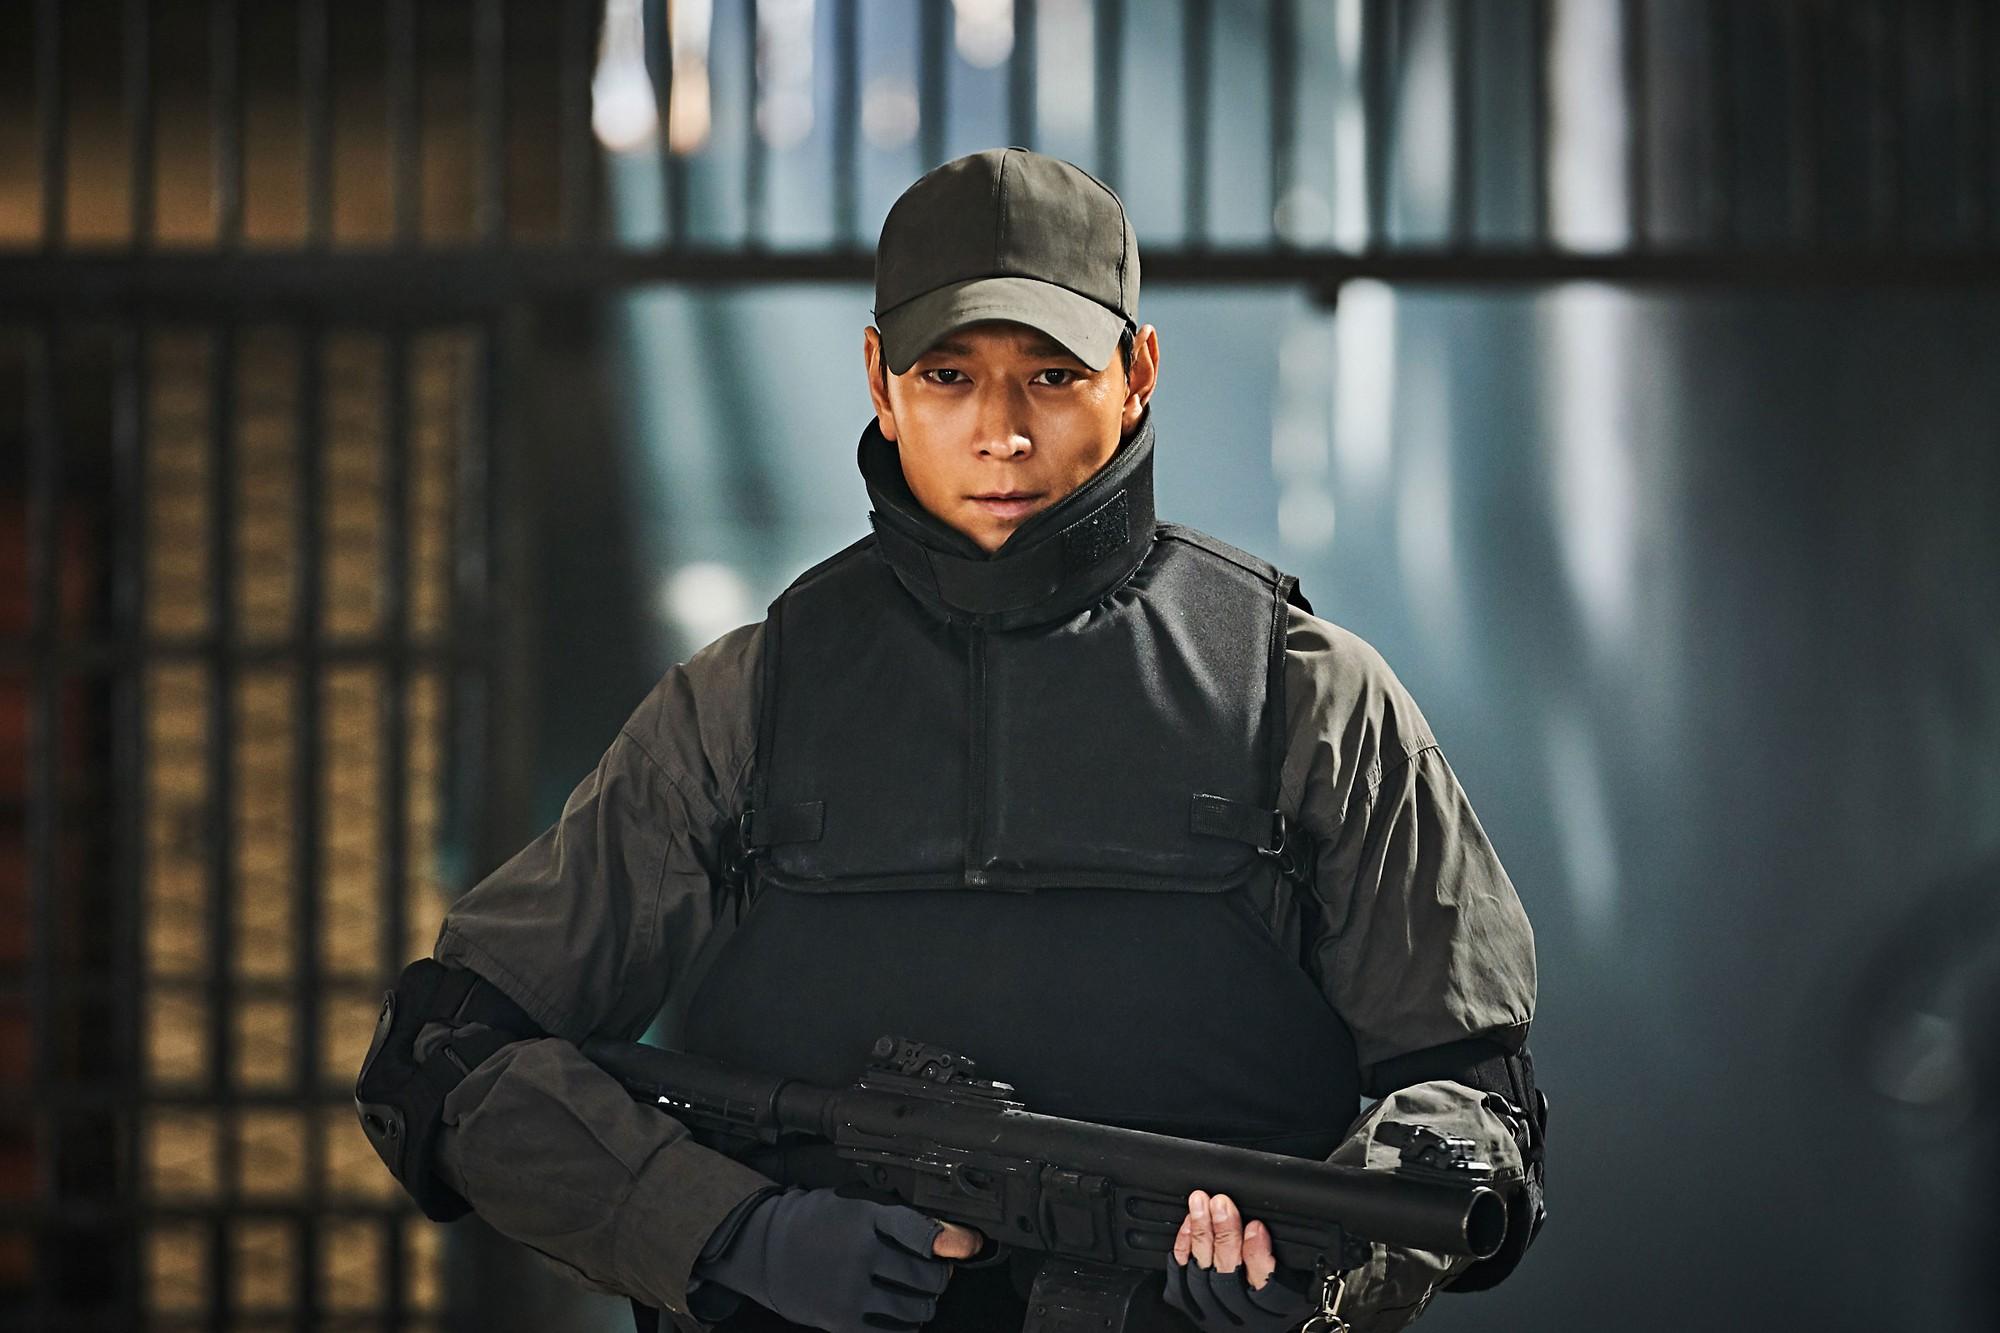 5 phim điện ảnh Hàn tháng 7 mở màn mùa bom tấn hè 2018 - Ảnh 24.